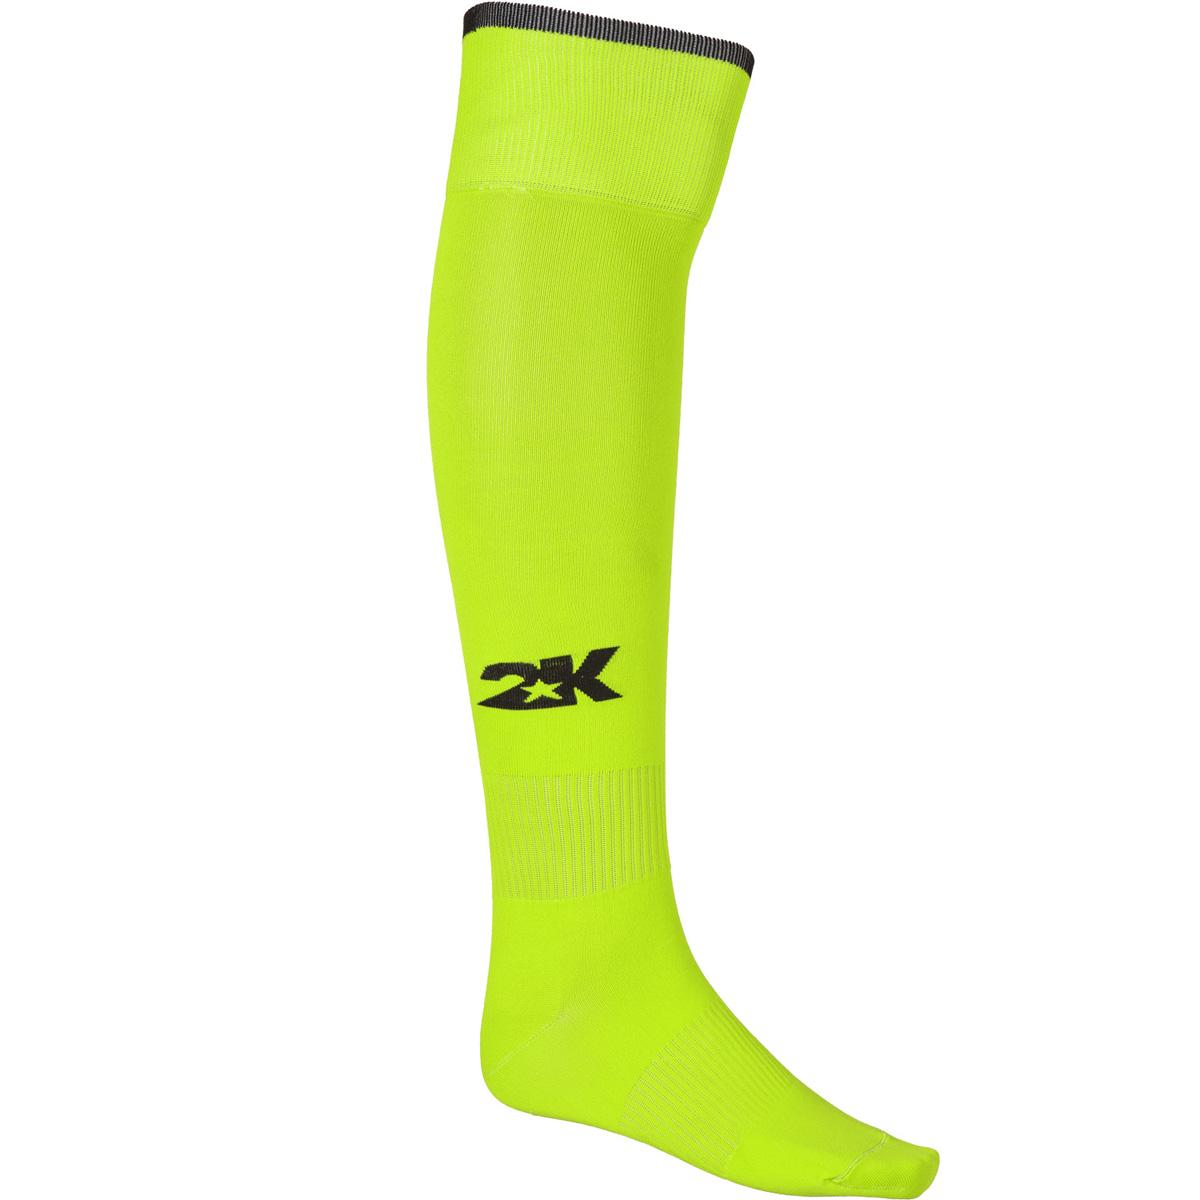 Гетры футбольные 2K Sport Classic, цвет: неоново-желтый, черный. 120334. Размер 36/40120334_neon-lemon/blackКлассические футбольные гетры выполнены из высококачественного материала. Оформлены логотипом бренда.